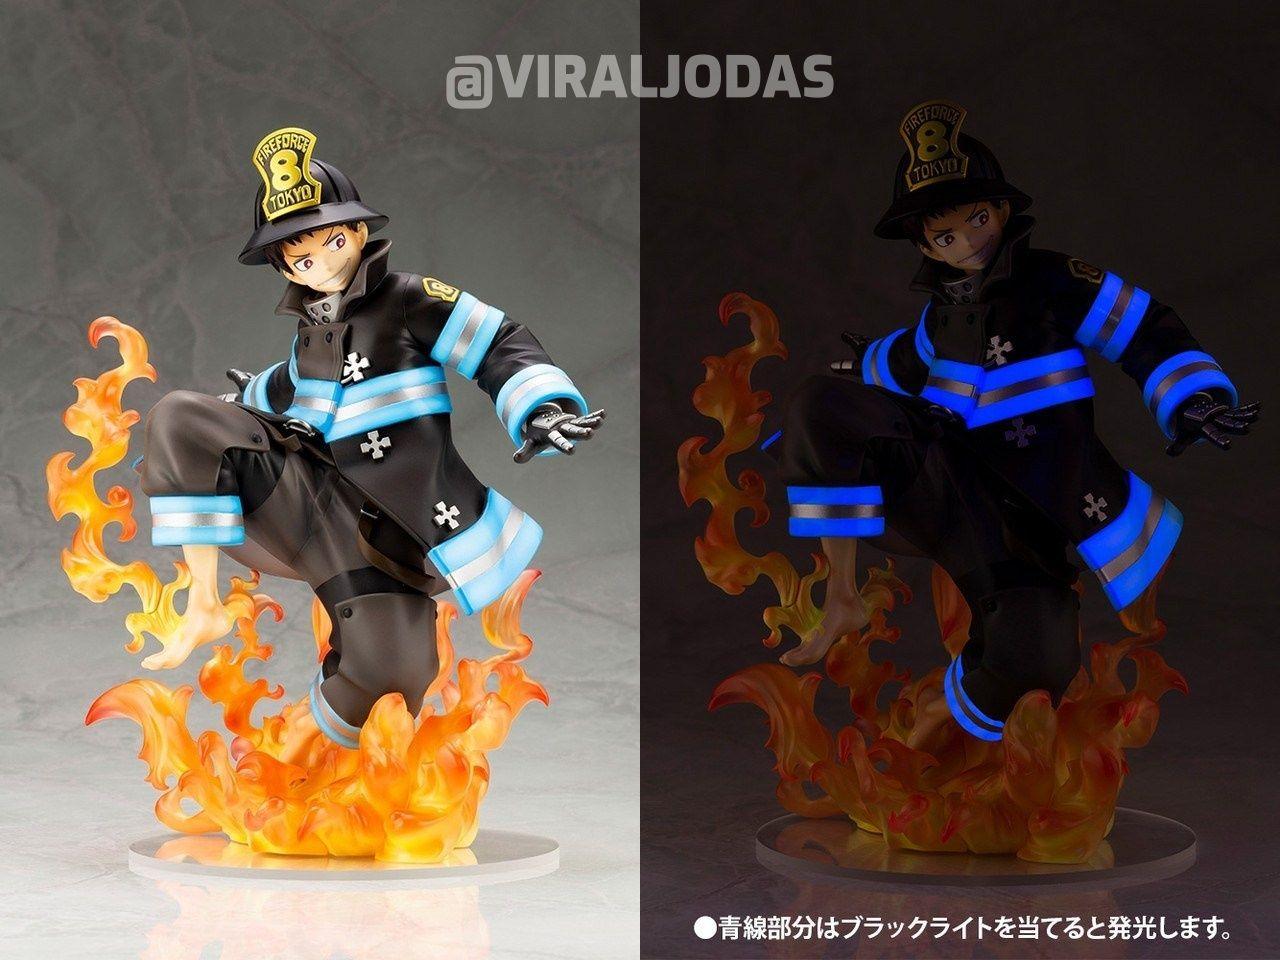 Lanzan una figura de Fire Force que brilla en la oscuridad